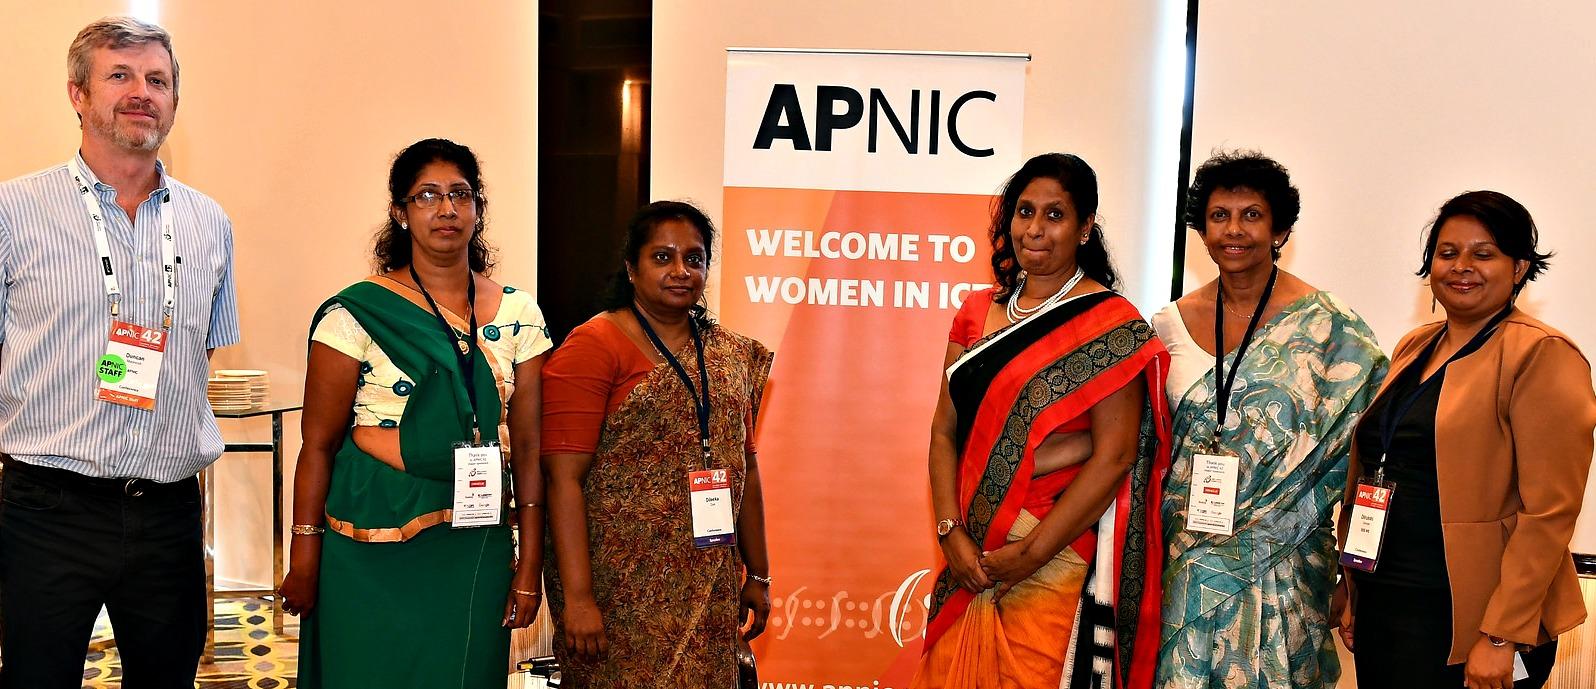 Duncan Macintosh and Women in ICT panelists